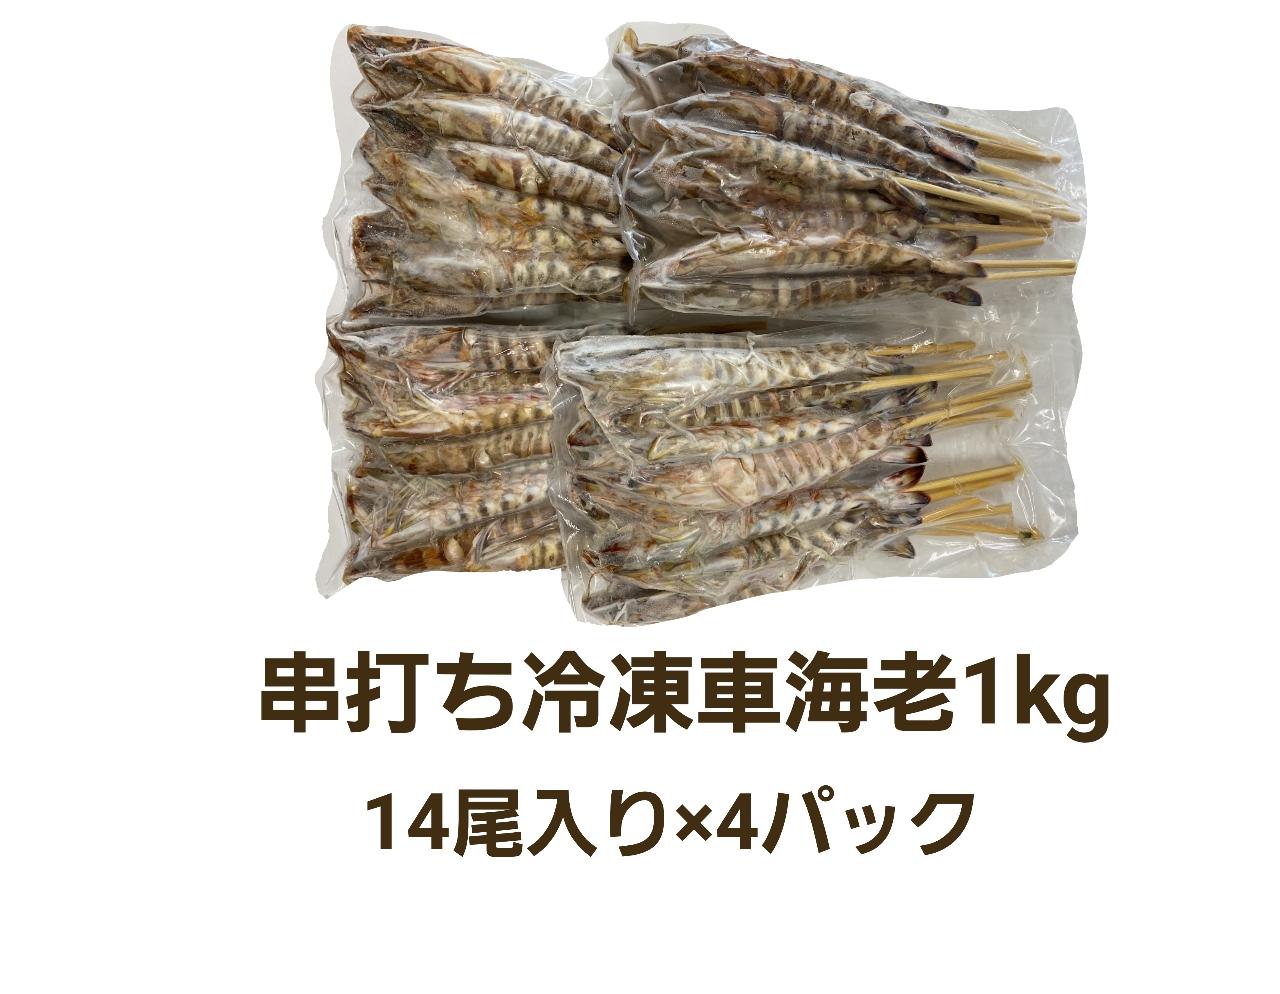 kusisasikurumaebi_1kg